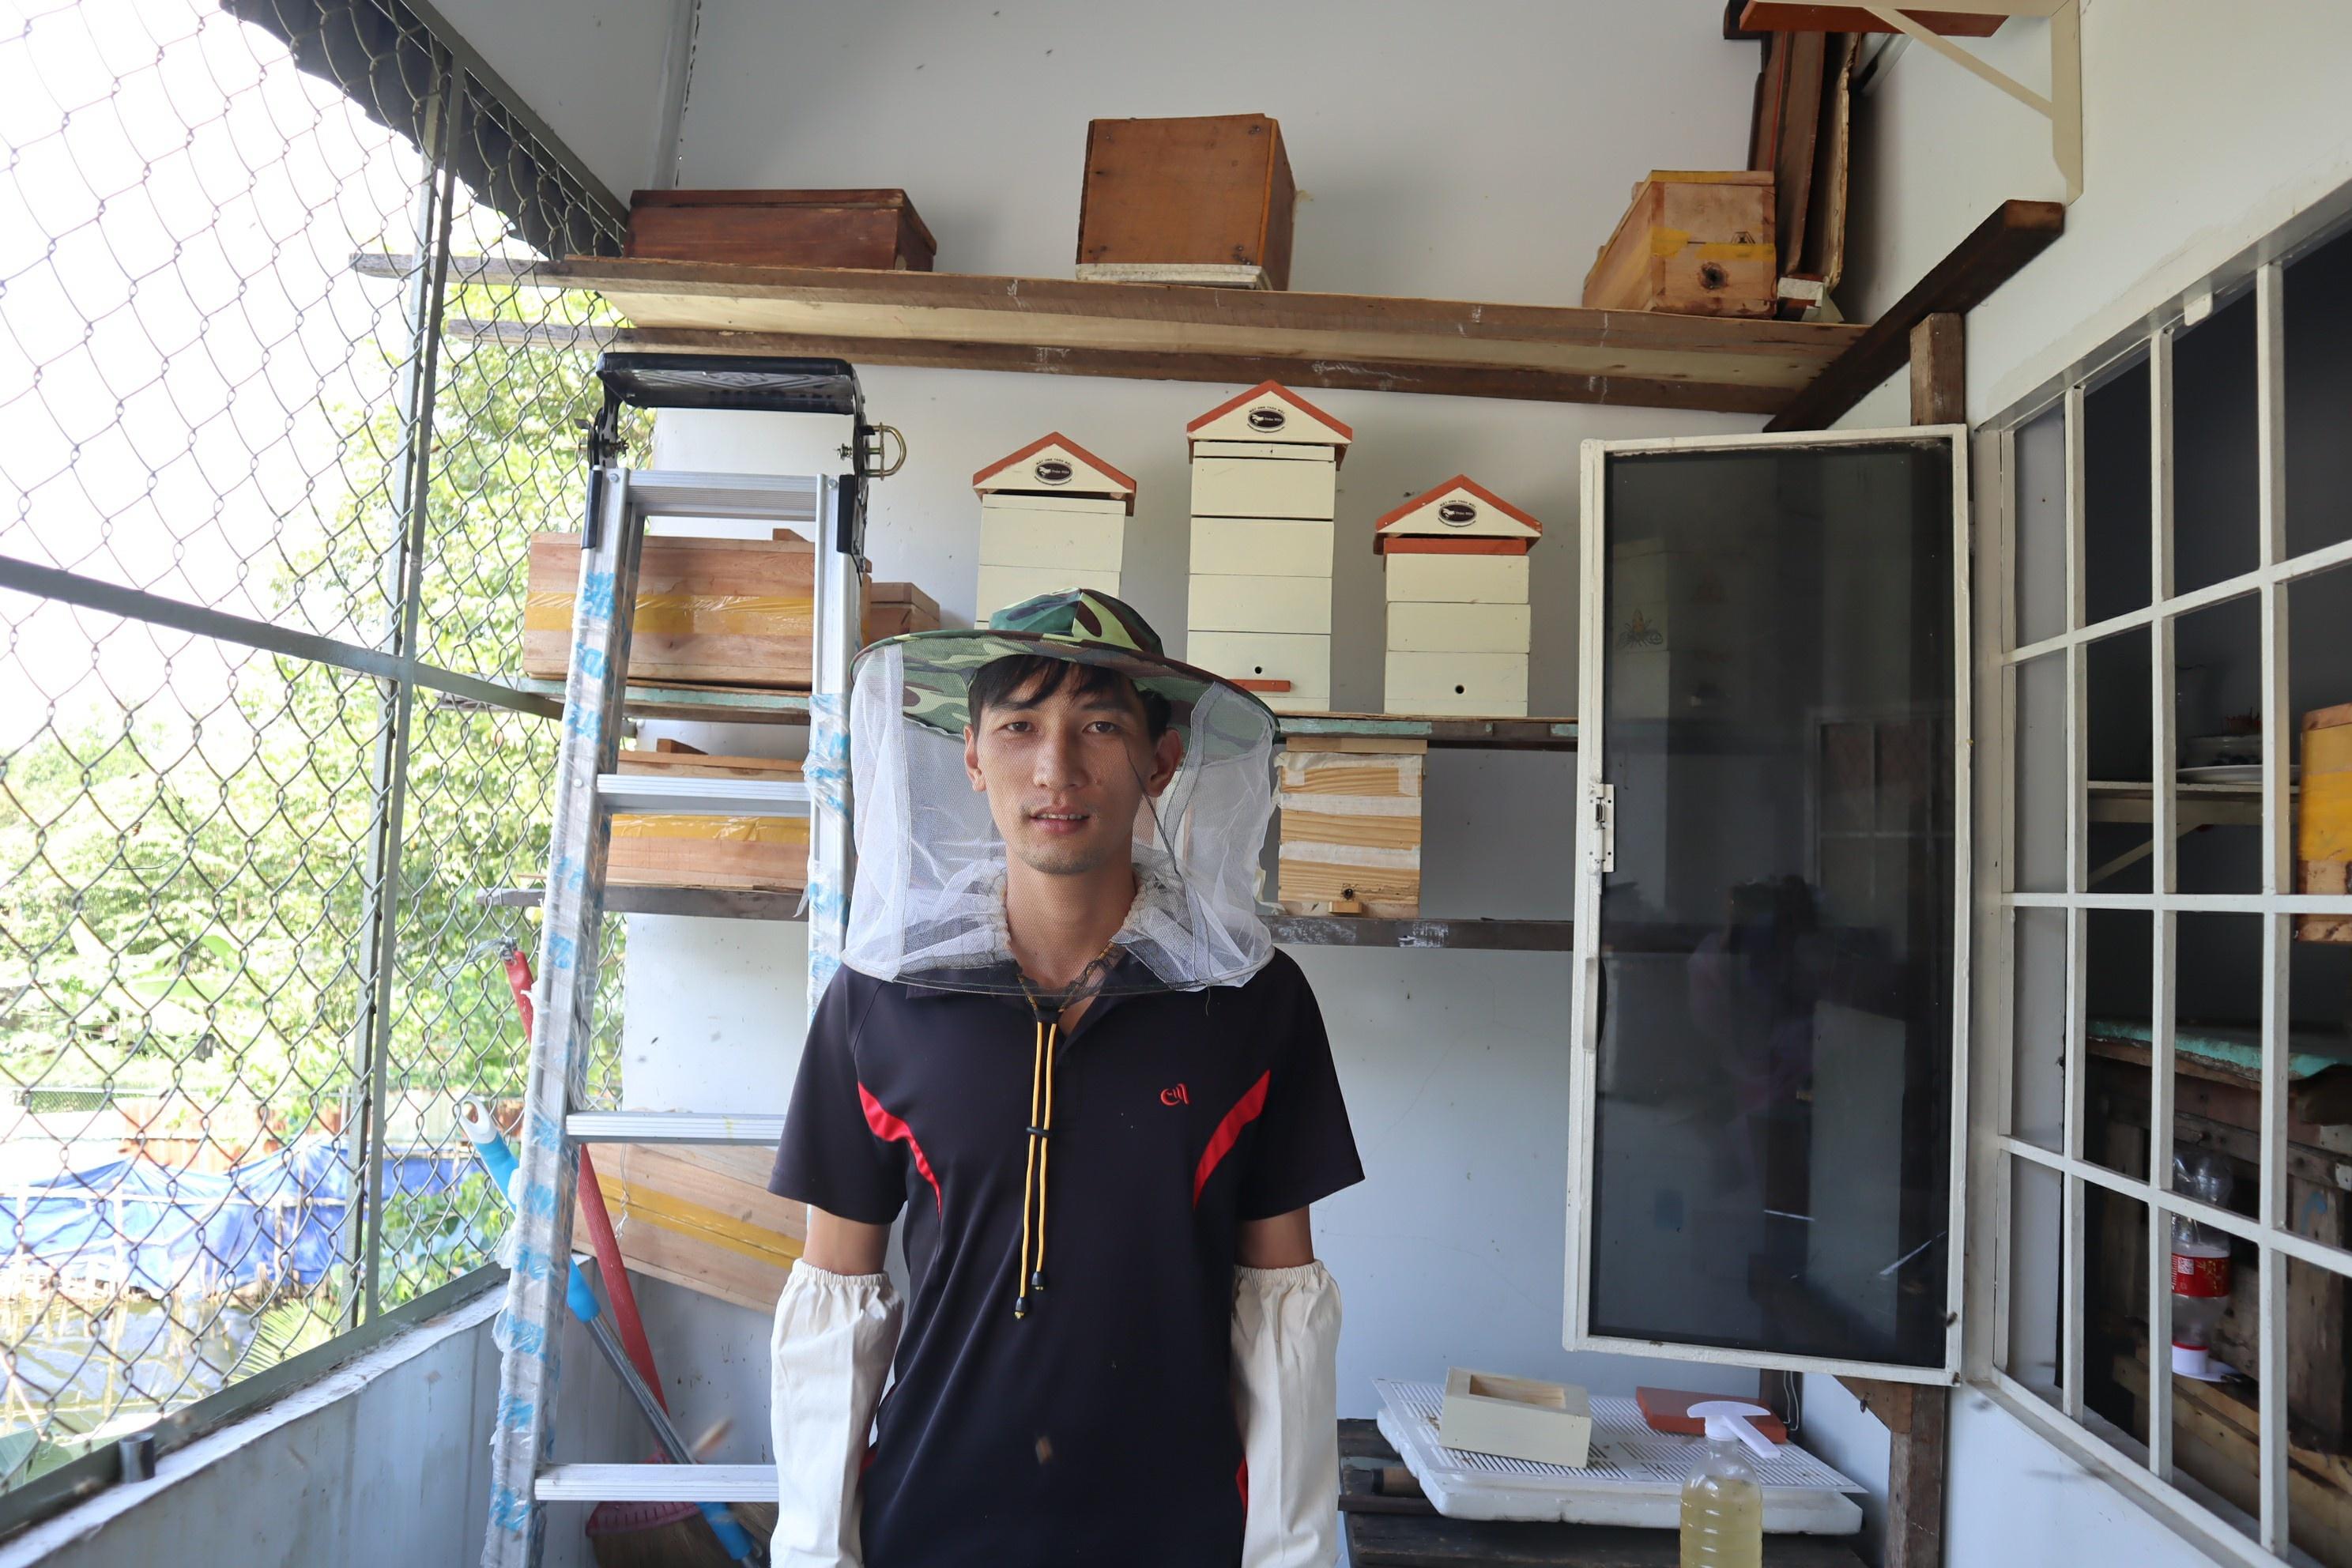 Mũ Bảo Hộ Chống Ong - Côn Trùng Đốt TP Hồ Chí Minh